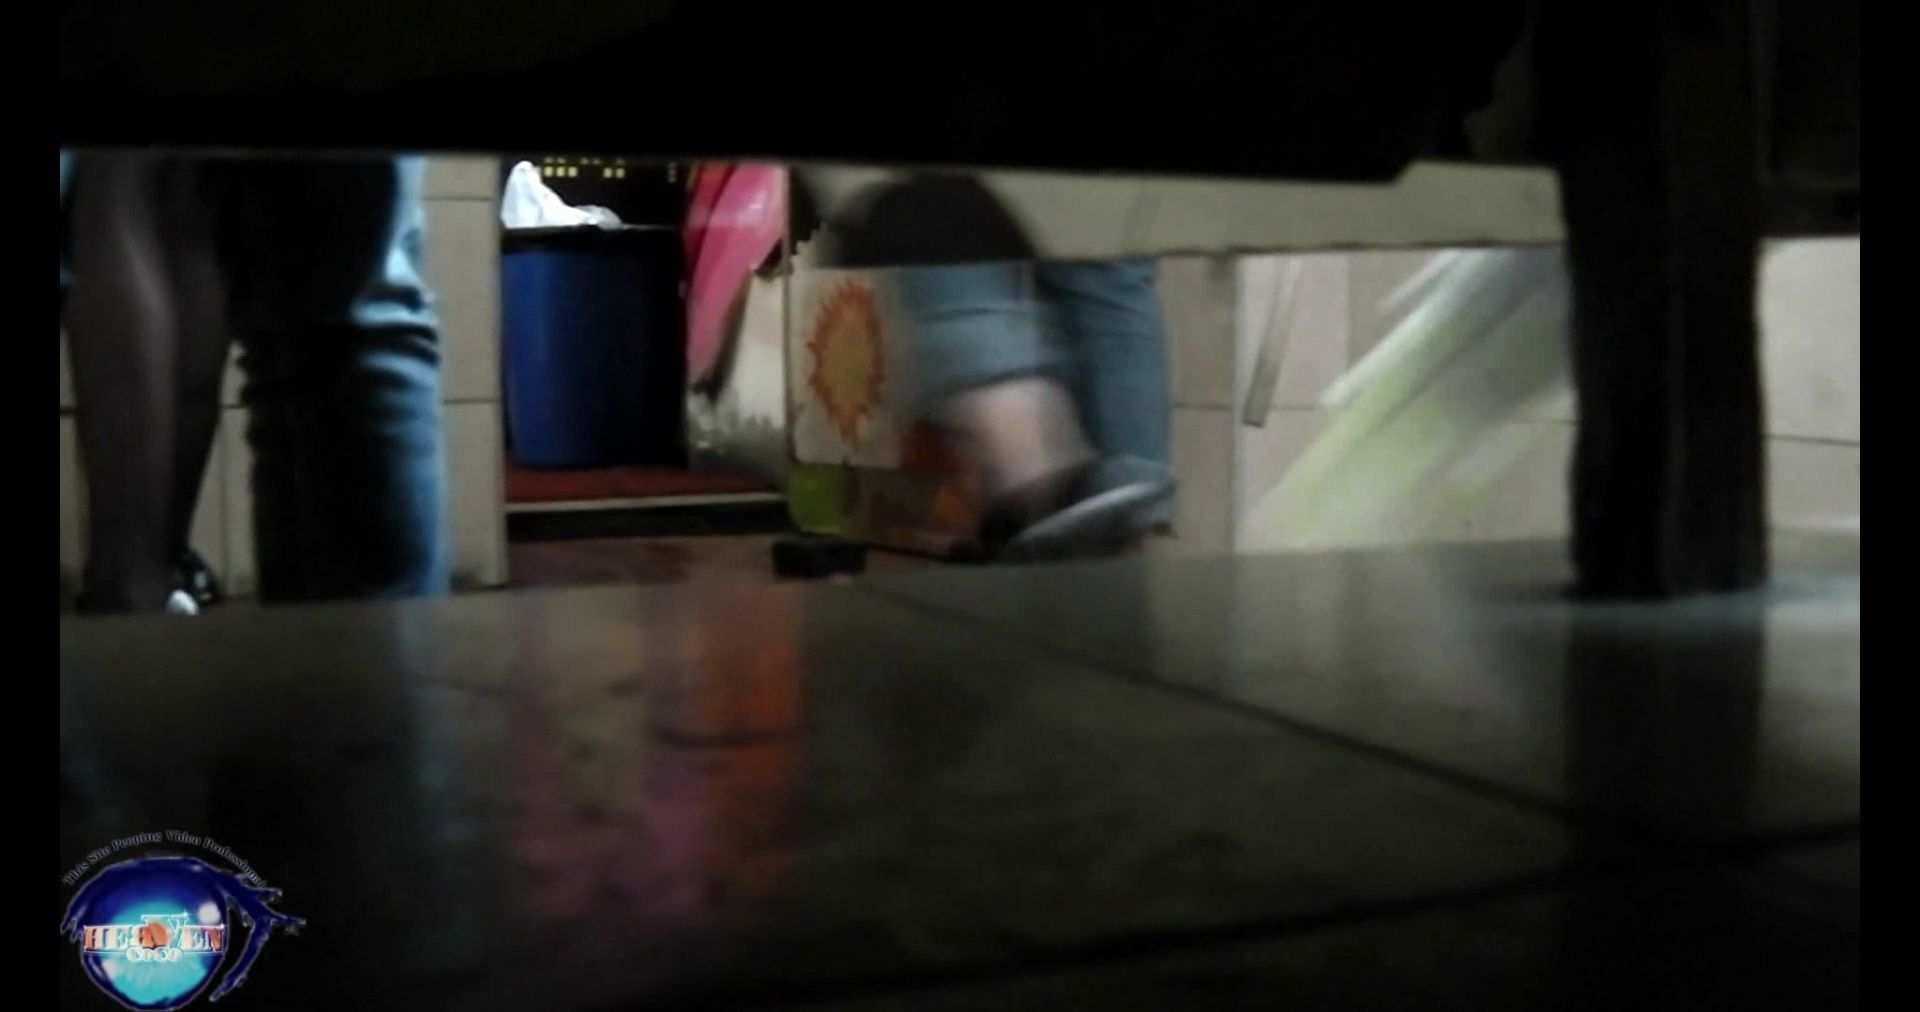 世界の射窓から~ステーション編~vol.34 無料動画のモデルつい本番登場Ⅱやっぱり違います 本番 | OLのエロ生活  96連発 1